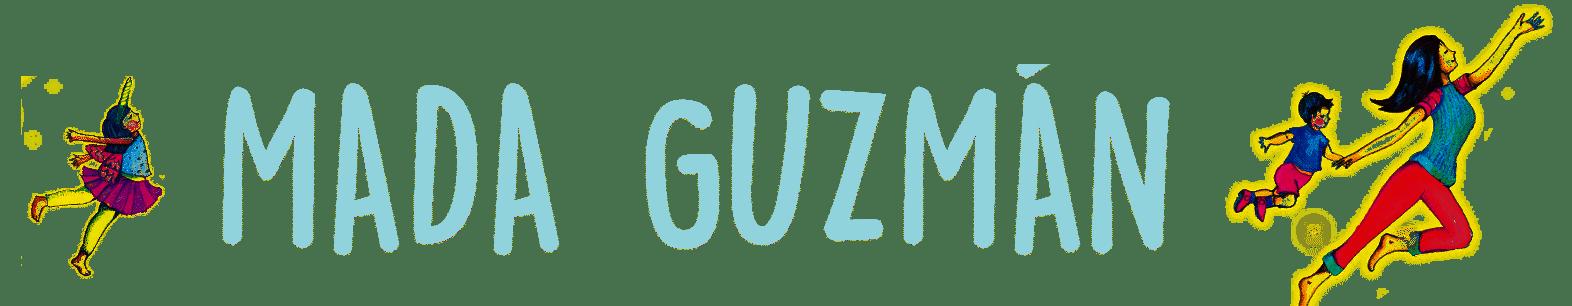 Mada Guzmán